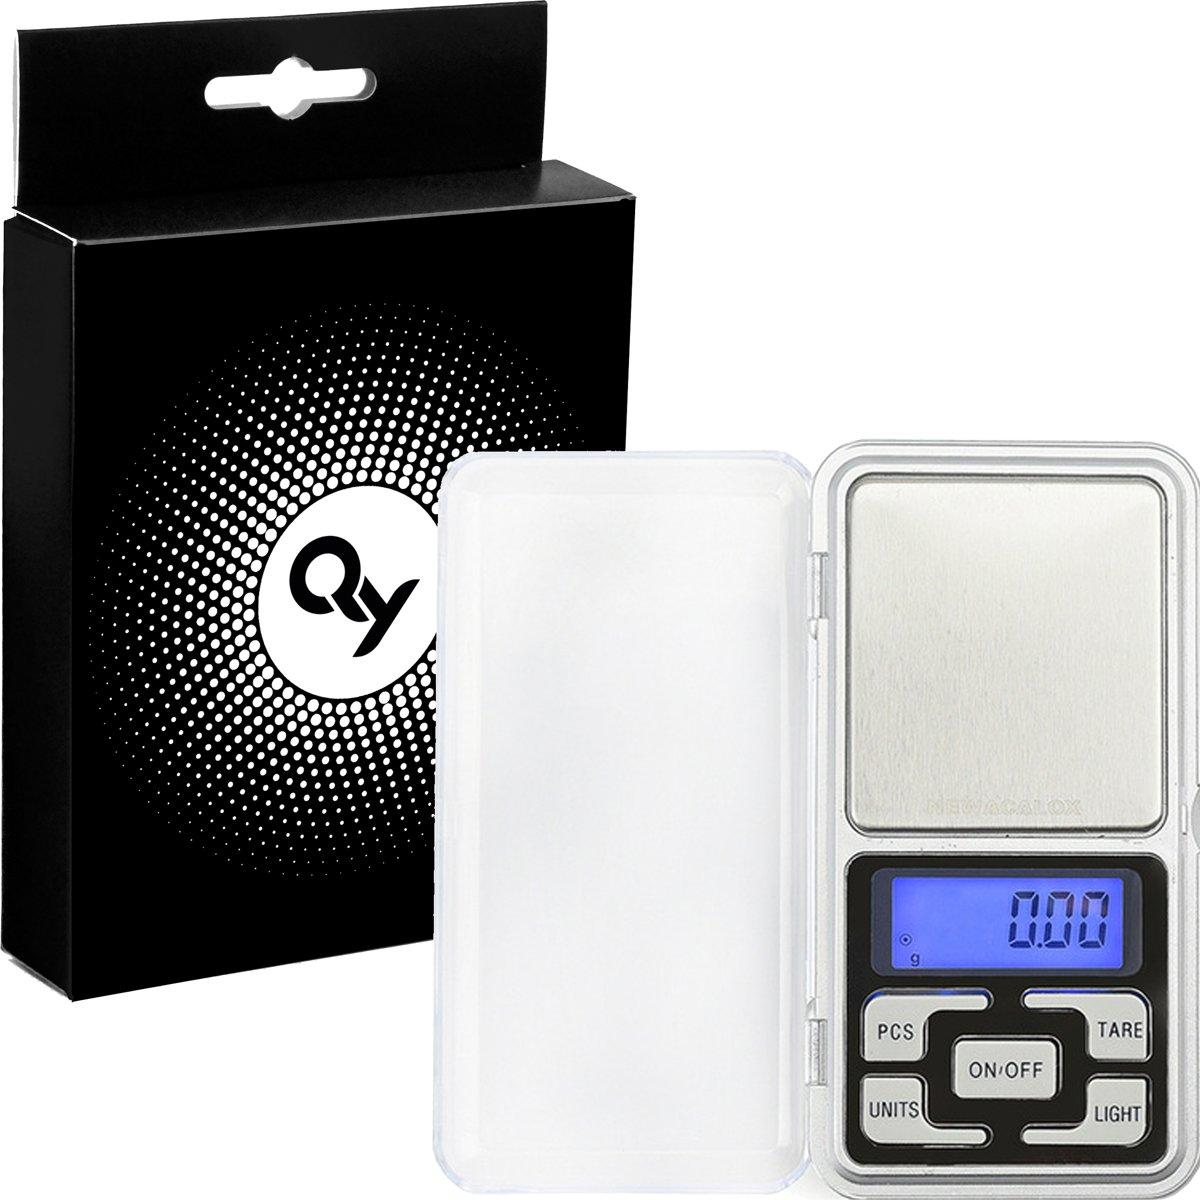 QY Precisie mini weegschaal –Zak Weegschaal / Keuken weegschaal / Dieet weegschaal / 0.01 g-200 g